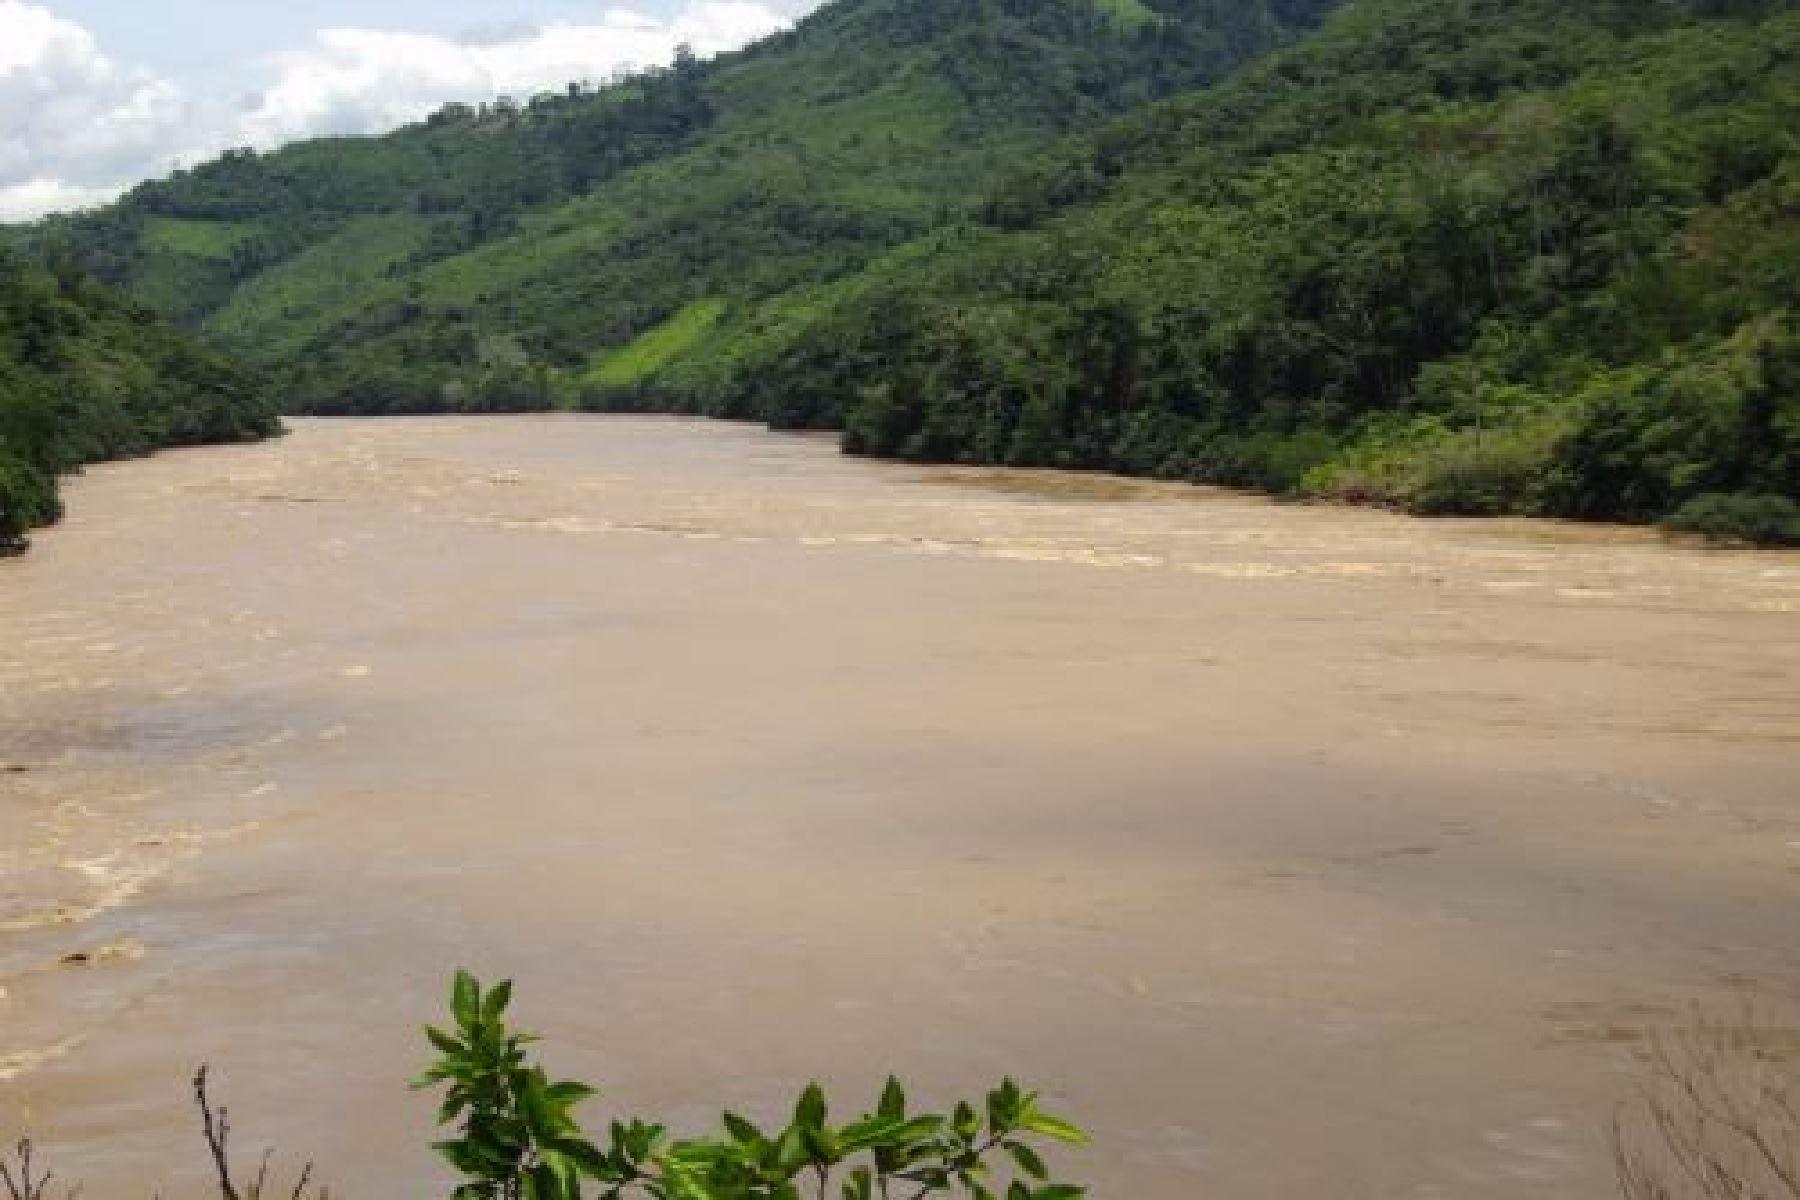 Aumento del nivel del río Huallaga provocaría inundaciones en la provincia loretana de Alto Amazonas; específicamente en las zonas bajas de los distritos de Yurimaguas, Lagunas y Santa Cruz.